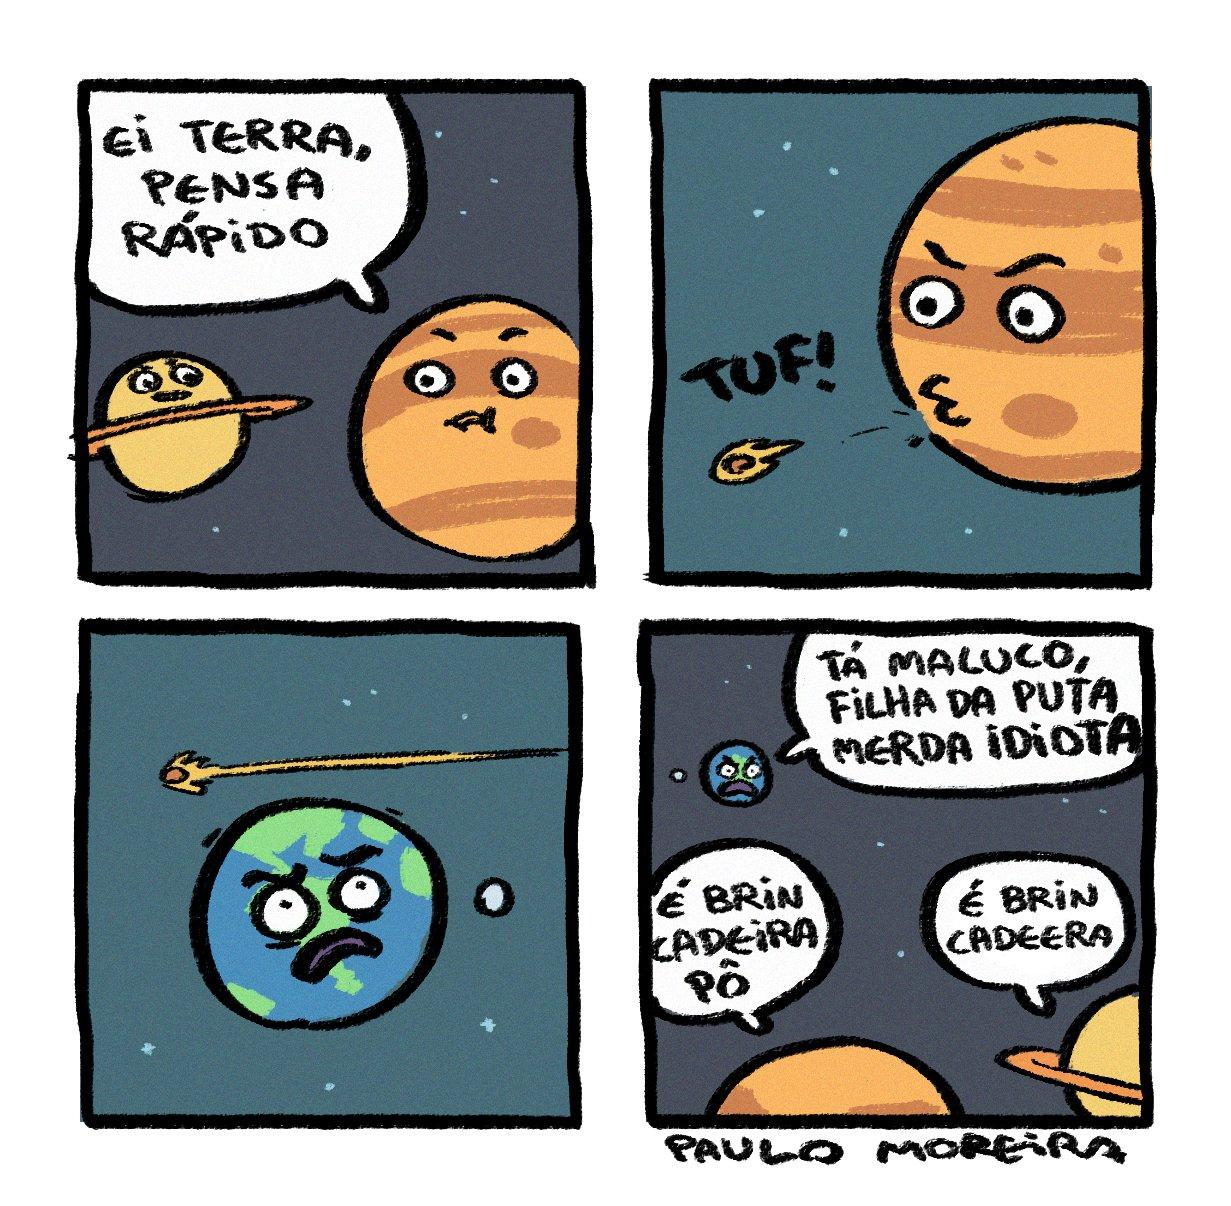 [SE NÃO PUDER ESSA TIRINHA, SUGIRO A OPÇÃO 2] Júpiter volta e meia sai jogando asteroides pelo Universo.